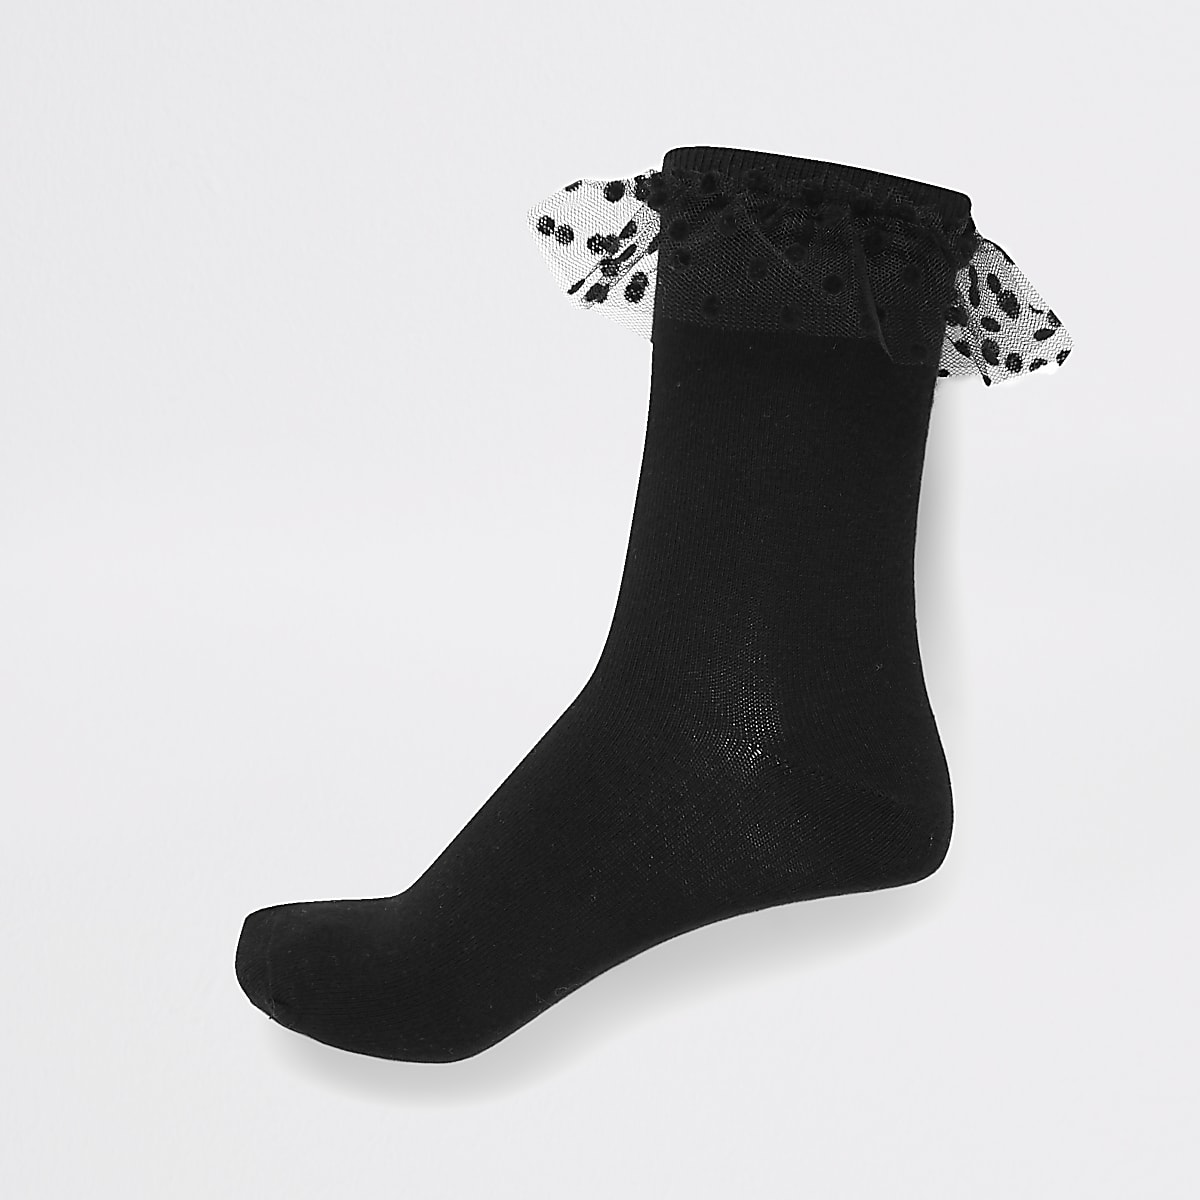 Chaussettes en maille torsadée noires avec volants en tulle à pois